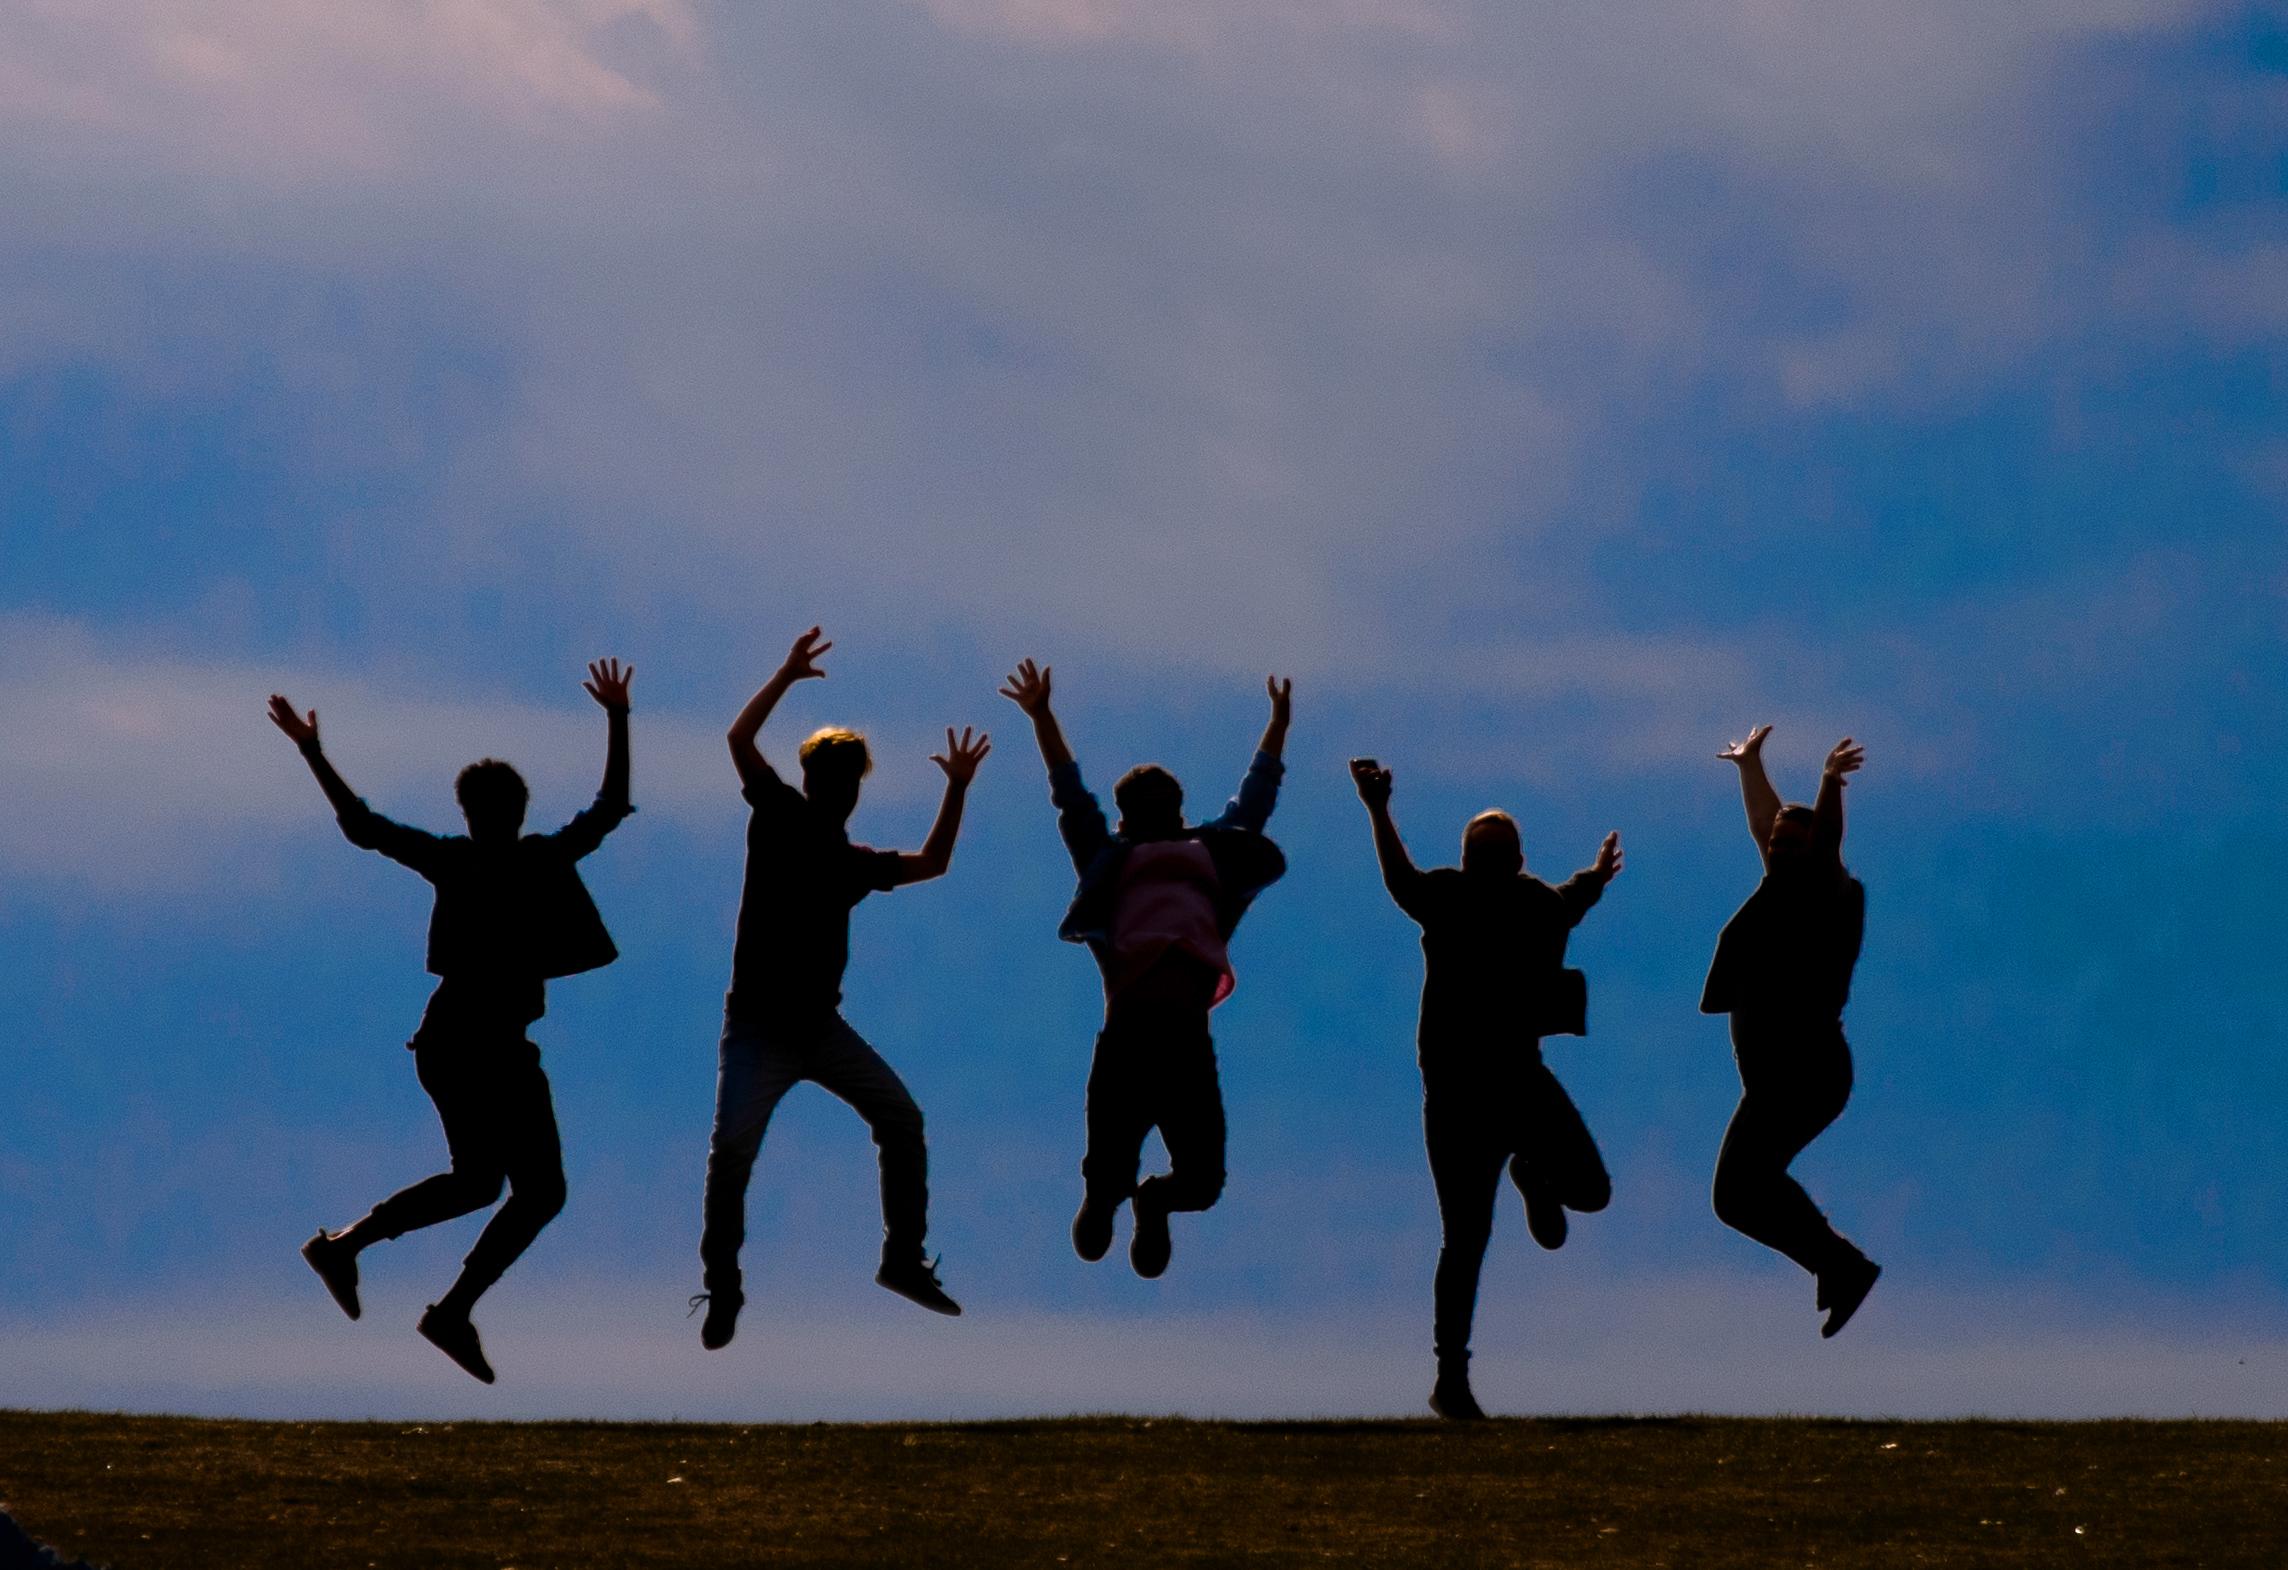 Das Bild zeigt fünf Personen, von denen man nur die Umrisse erkennen kann, wie sie in die Luft springen. Im Hintergrund sieht man den Himmel mit einigen Wolken.